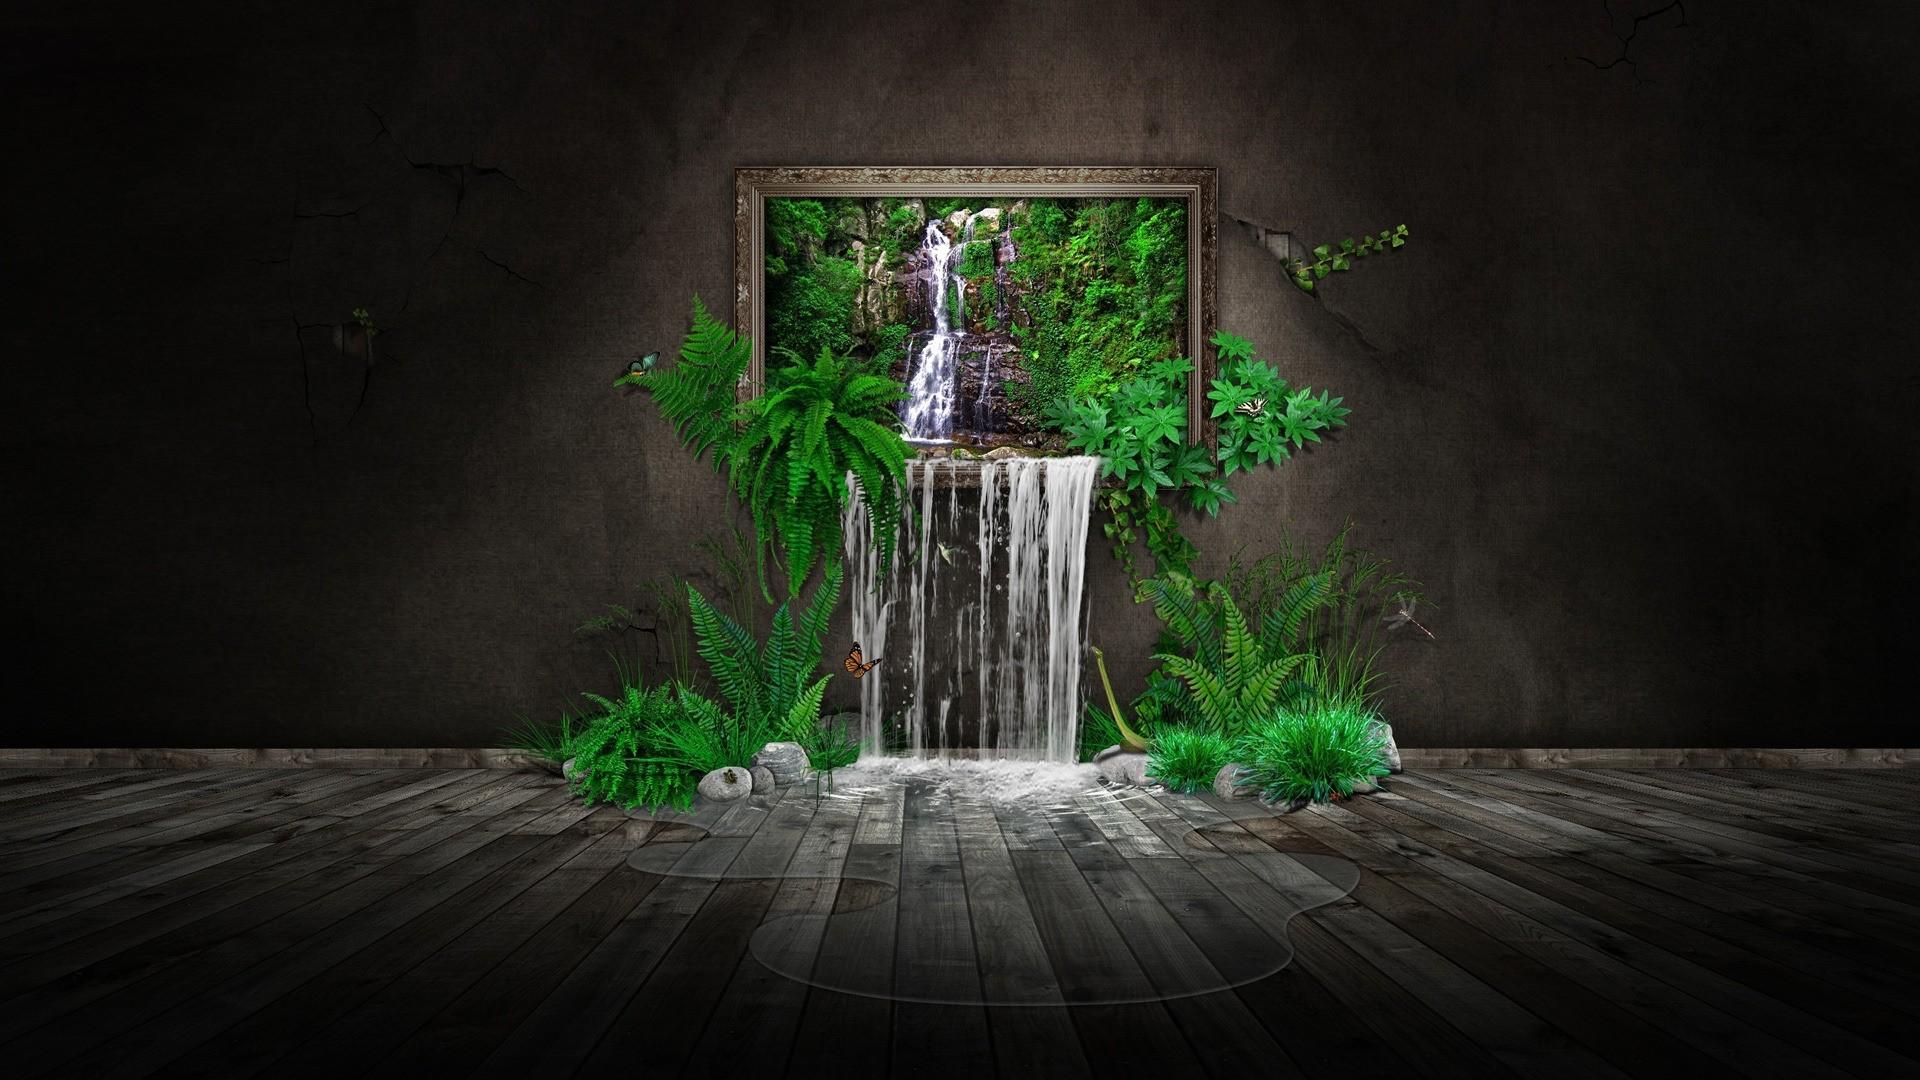 Fondos de pantalla : Árboles, hojas, cascada, arte digital, noche ...